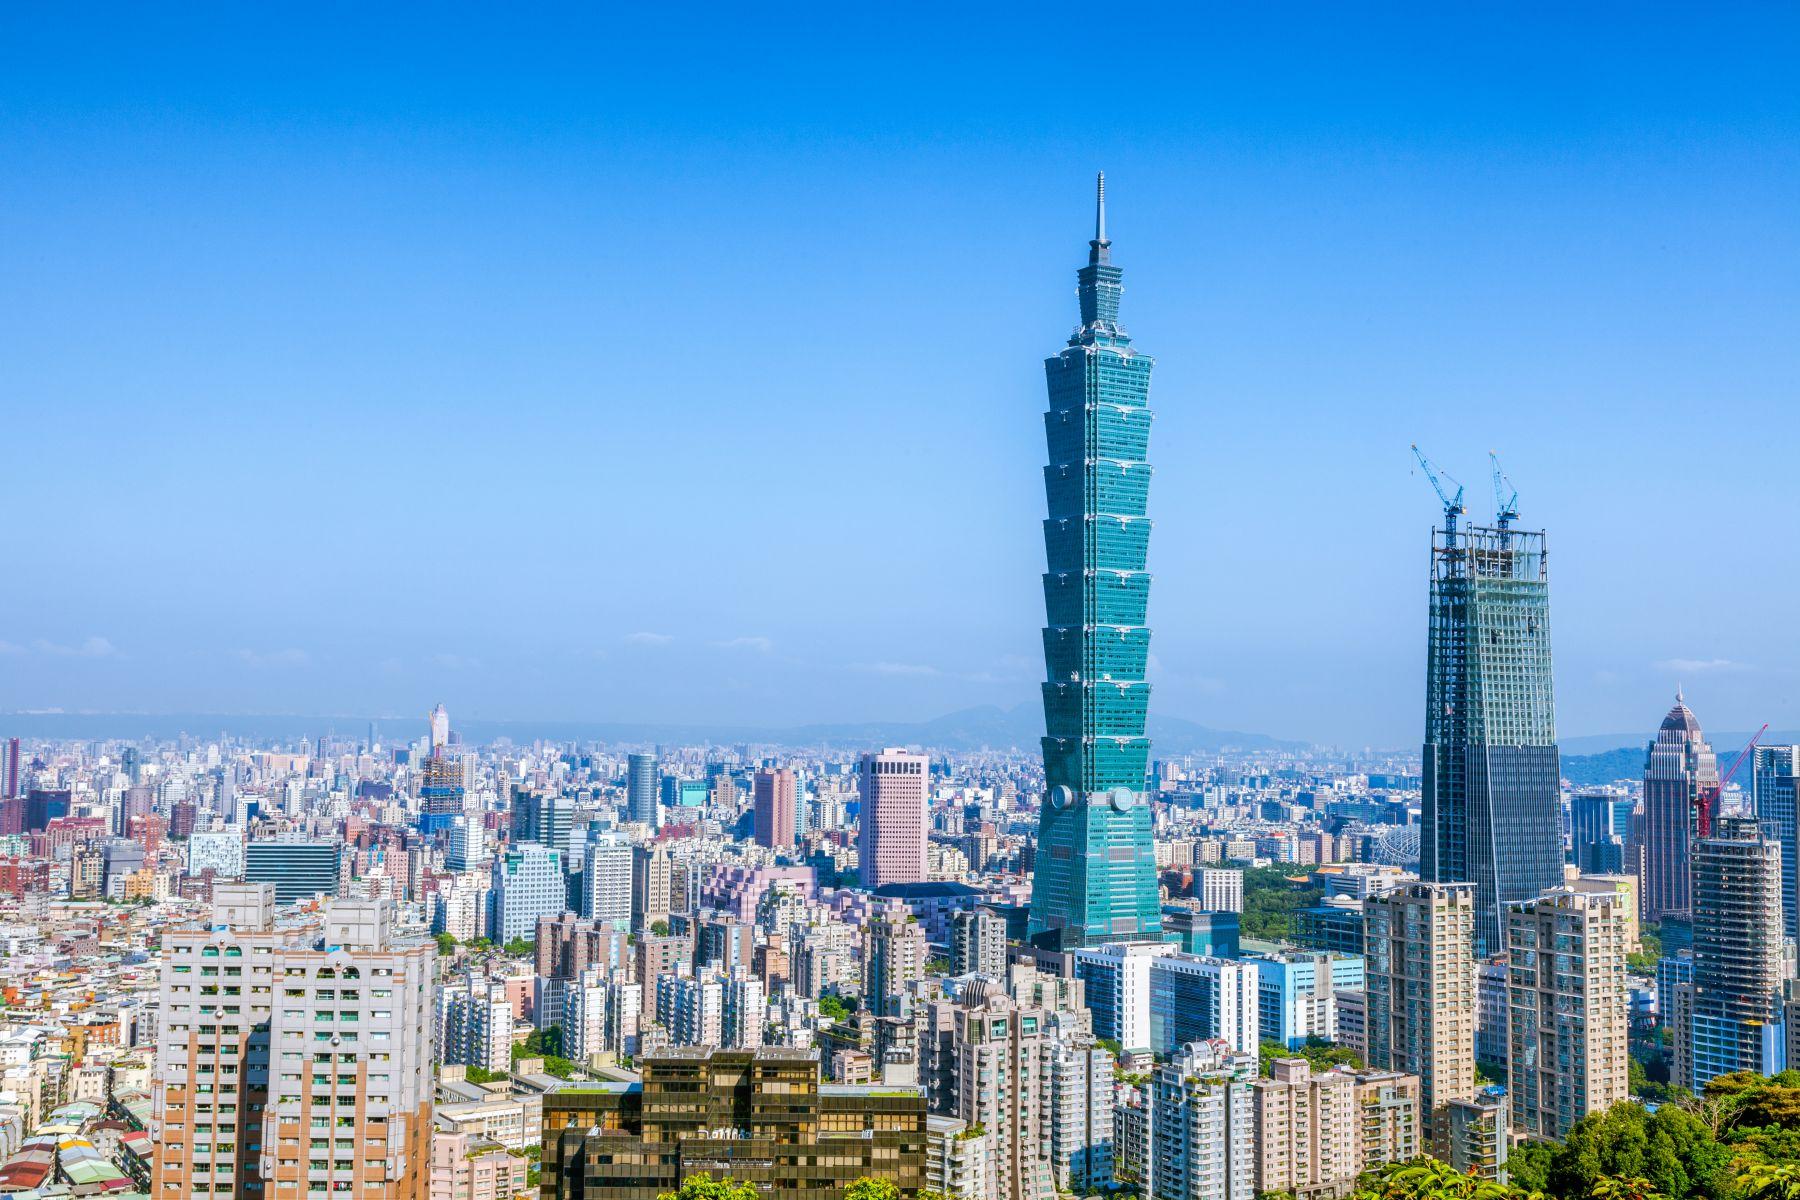 台灣實價登錄擋東擋西 就怕大家發現房價暴跌